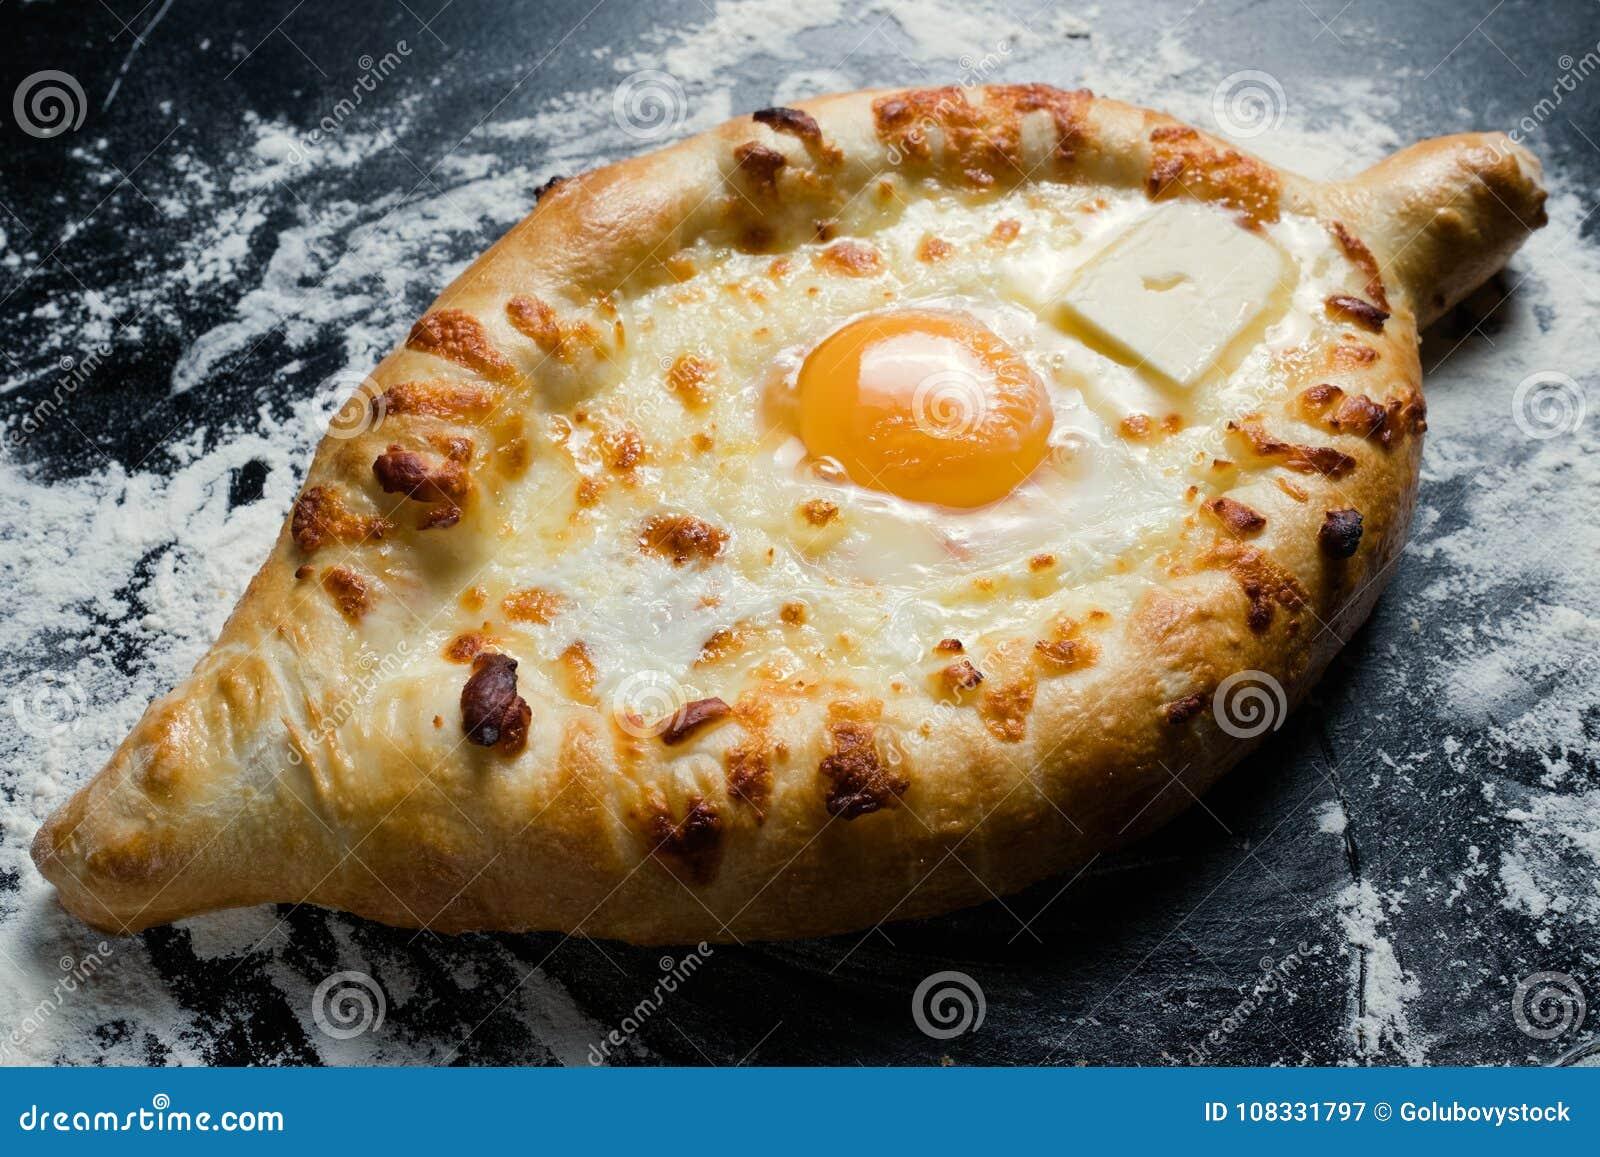 Khachapuri in the pan. Cheese Khachapuri: A Step-by-Step Recipe 77